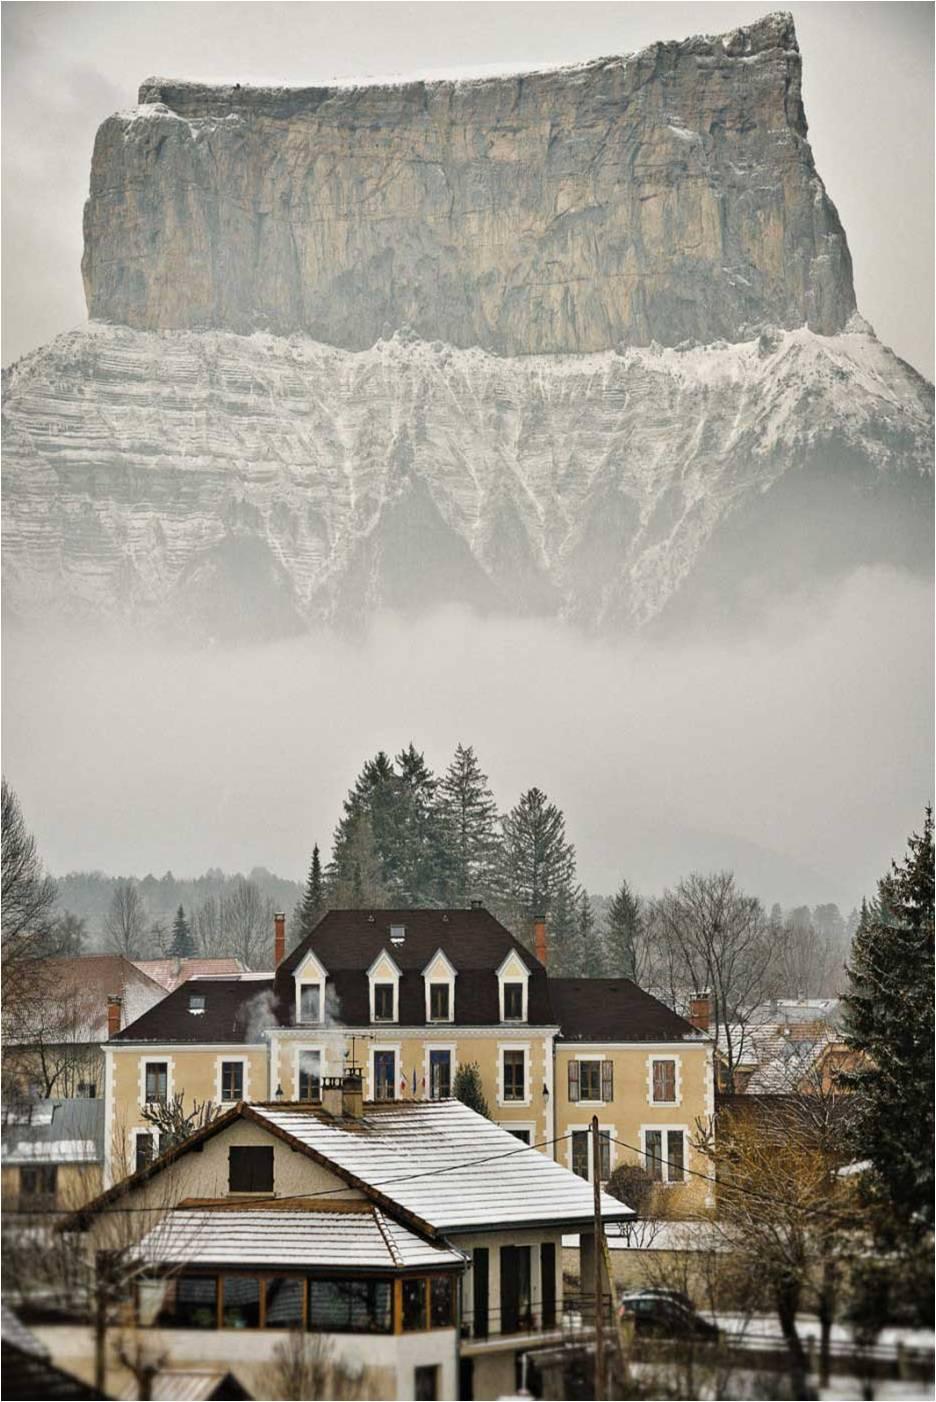 SITIO TURÍSTICO ESPECTACULAR E INOLVIDABLE, Chichilianne, Ródano Alpes, Francia 1